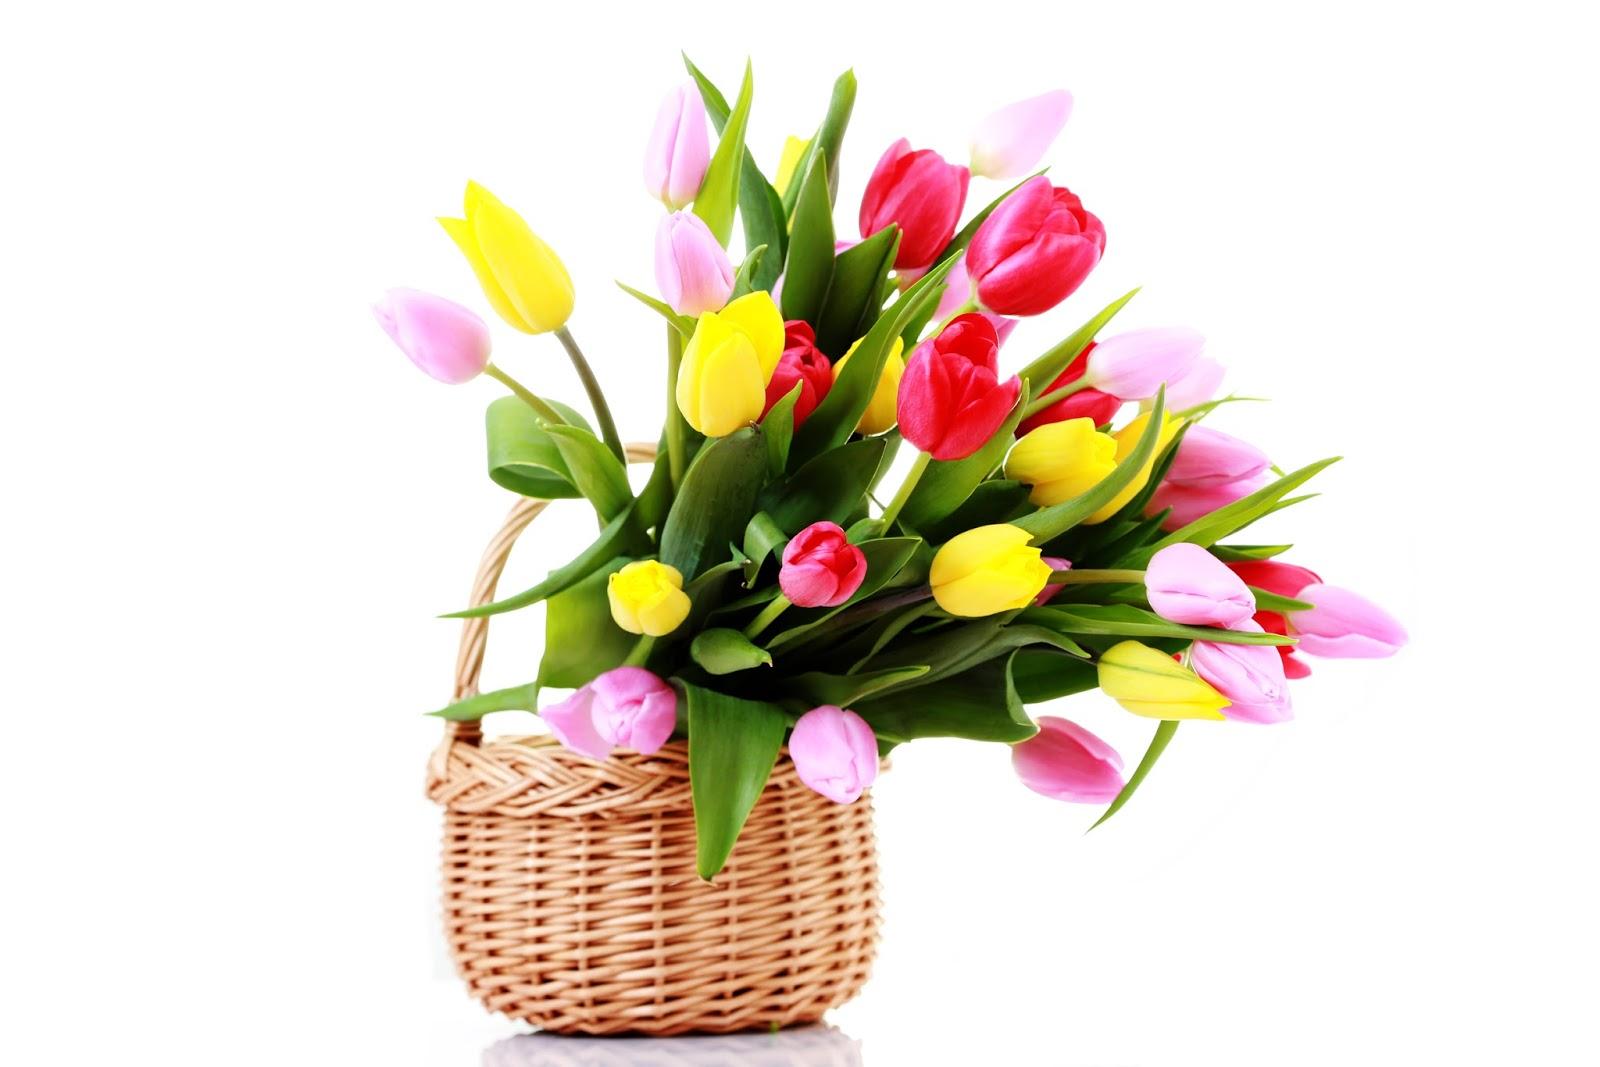 BANCO DE IMÁGENES: 20 Fotos Gratis De Rosas, Tulipanes Y